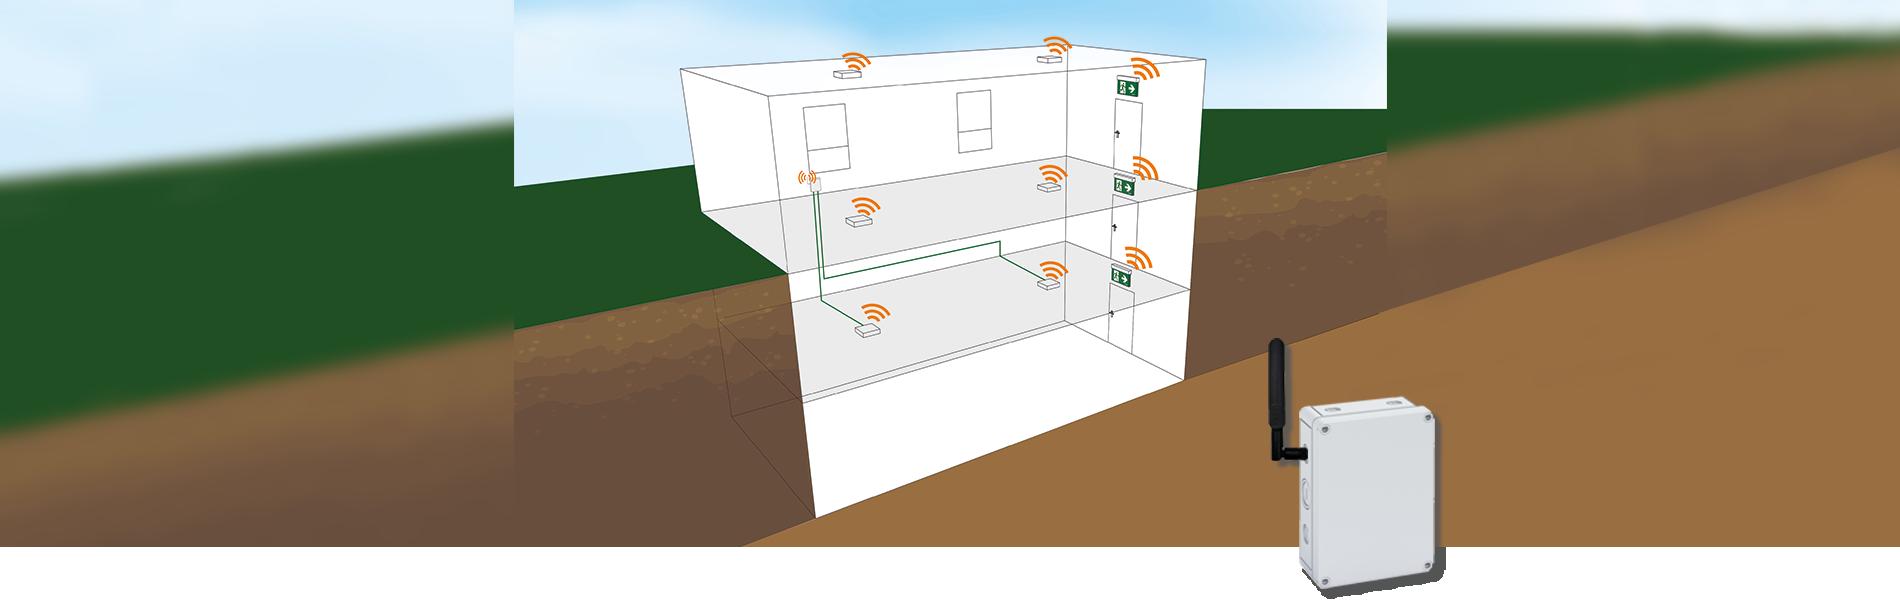 Skizze Gebäude mit Range Extender